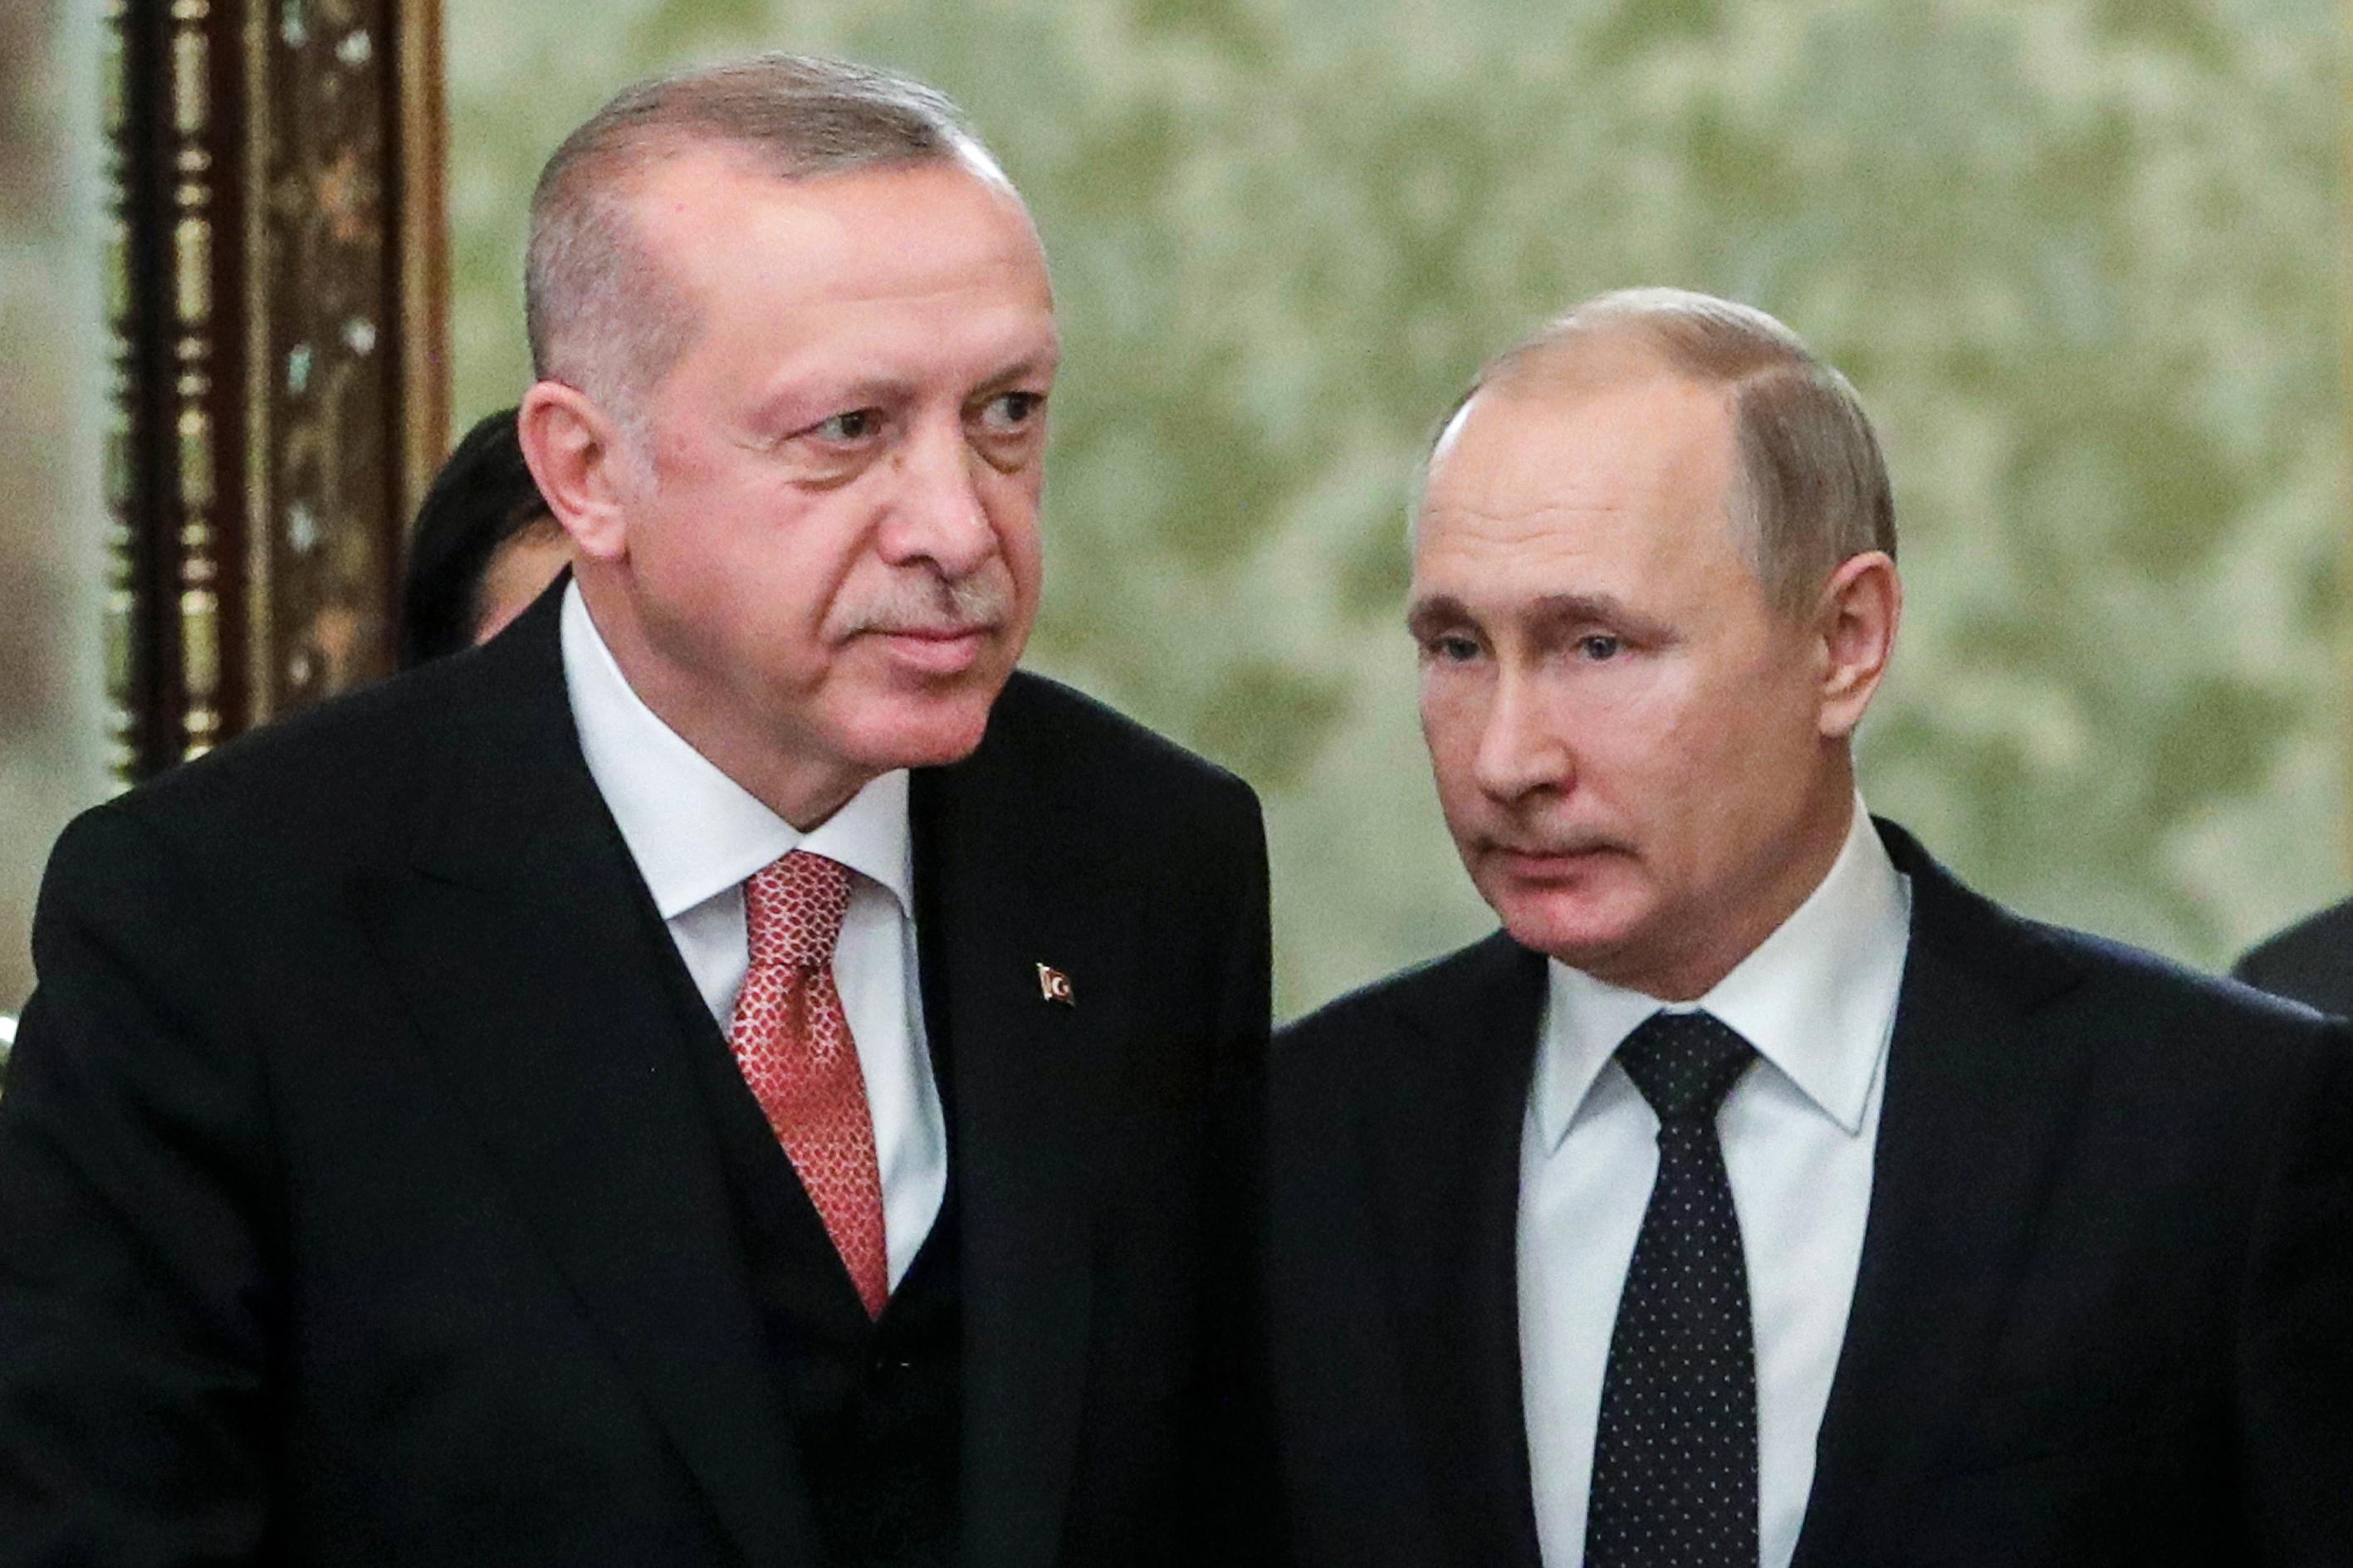 Hiába tiltakozik az USA, az oroszok újabb fegyvereket szállítottak Törökországnak